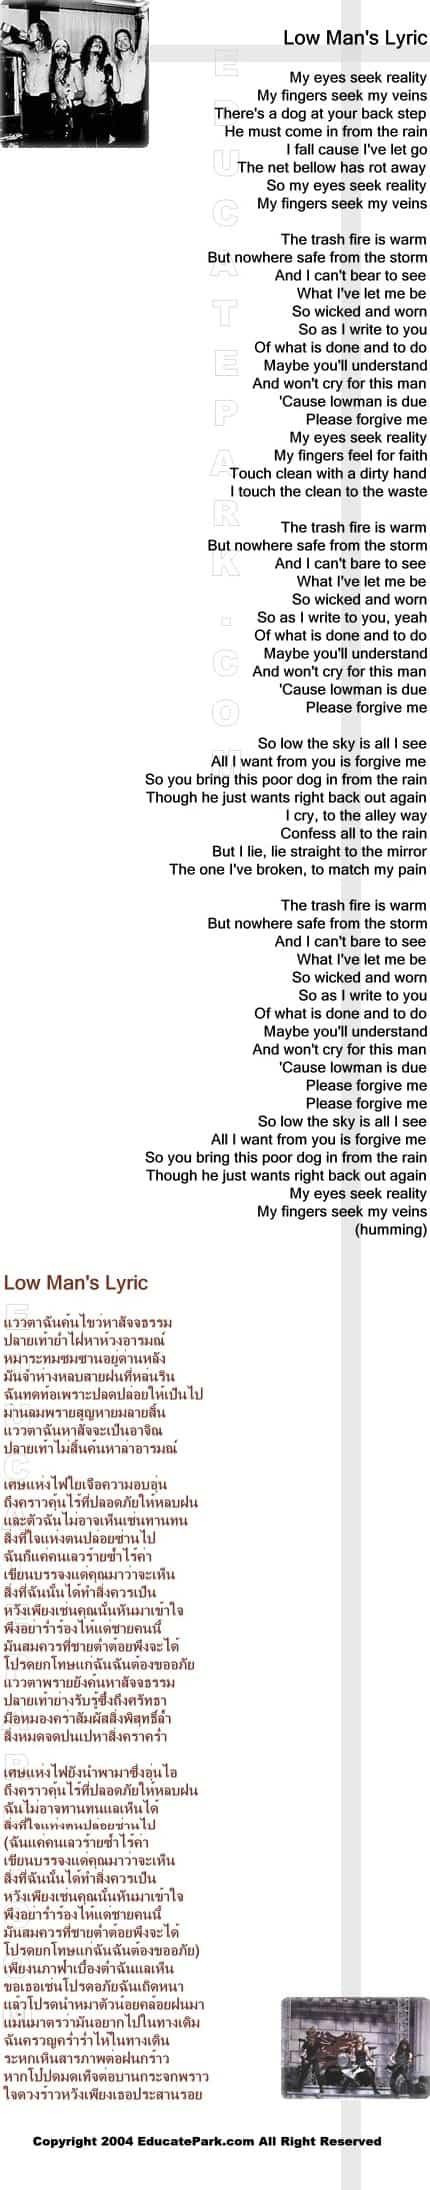 แปลเพลง Low Man's Lyric - Metallica